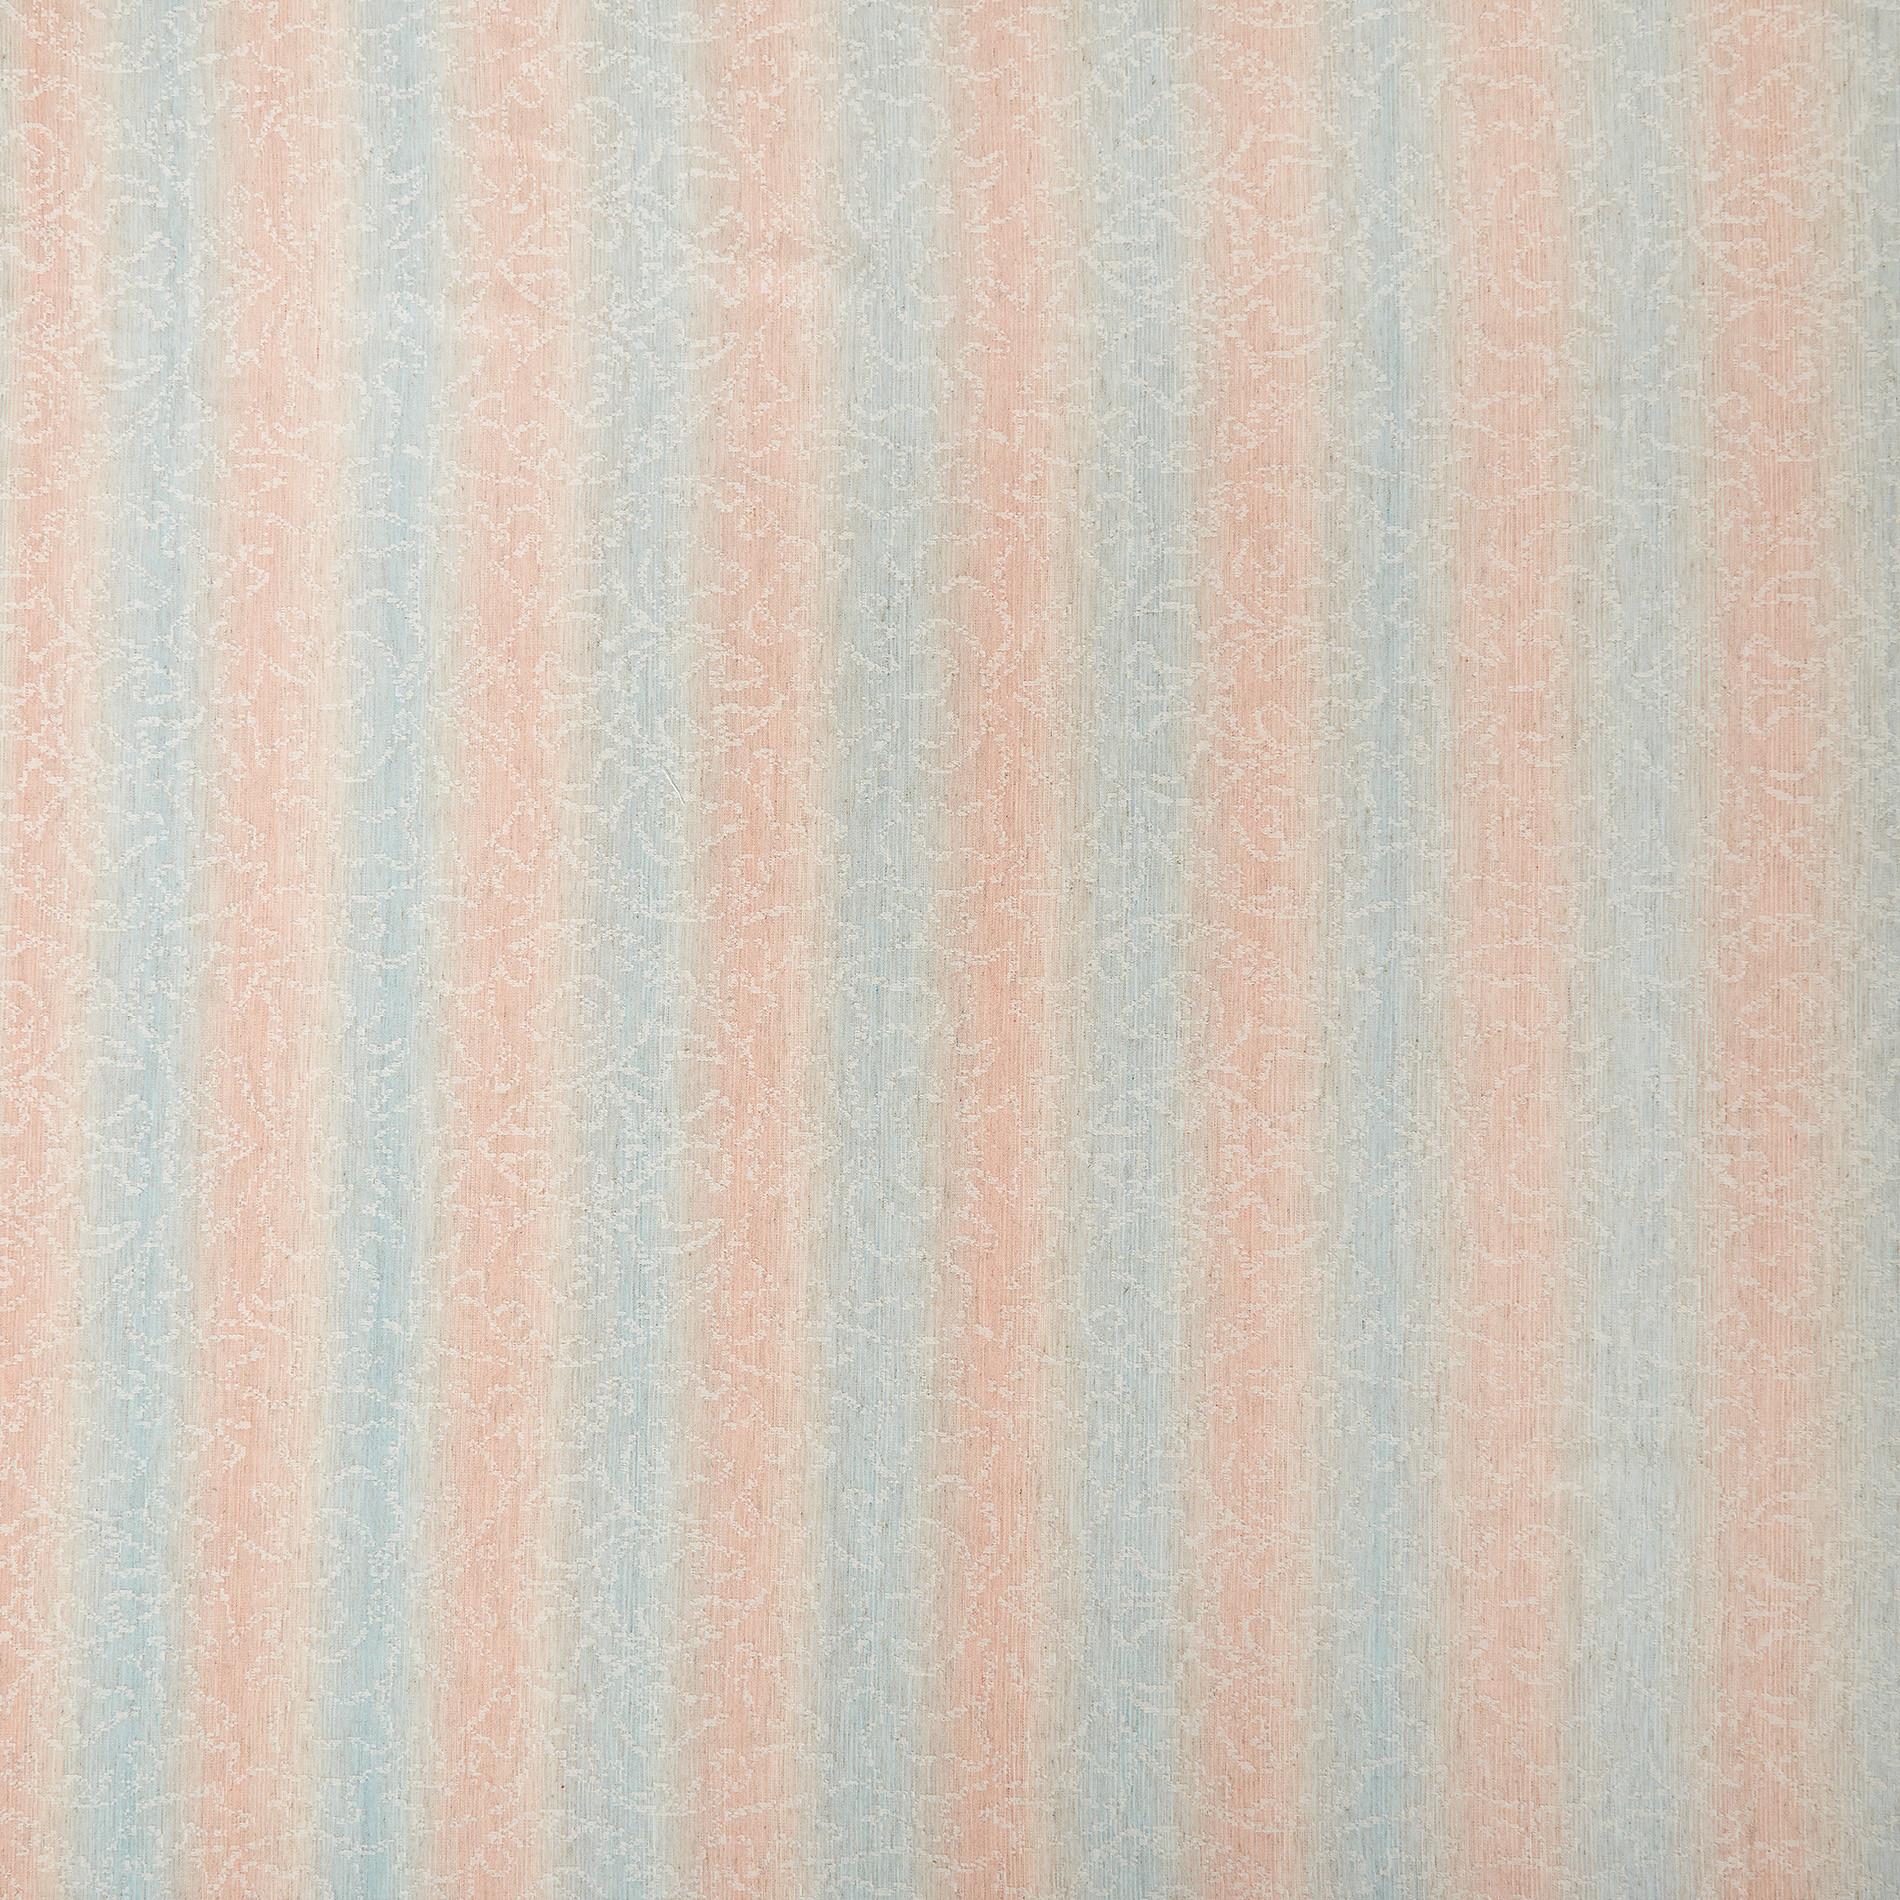 Tovaglia misto cotone stonewashed motivo a righe, Azzurro, large image number 1